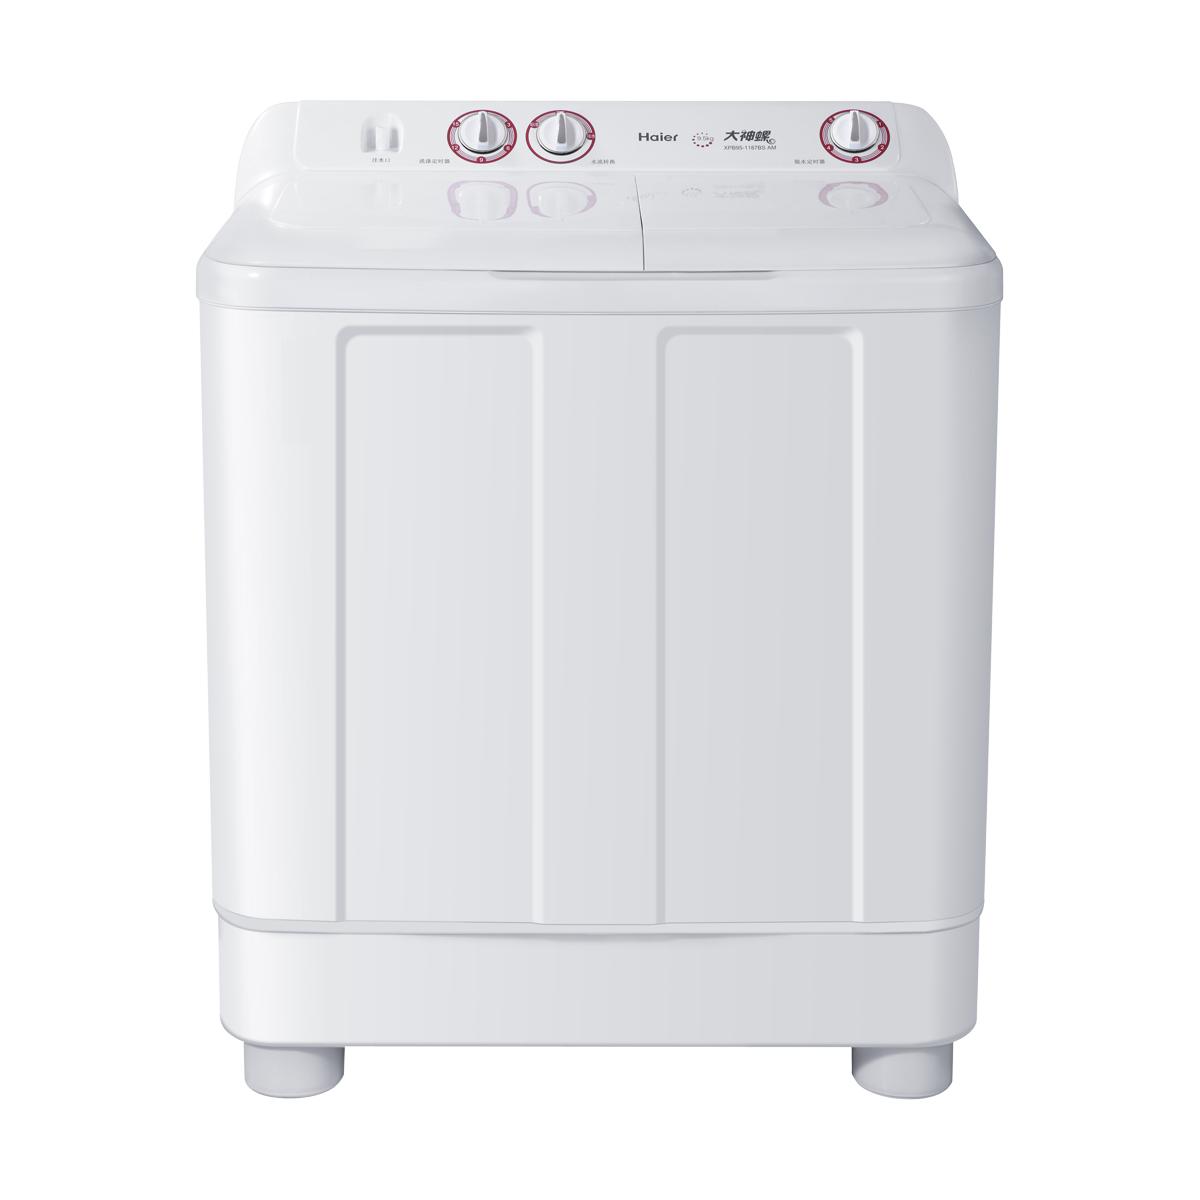 海尔Haier洗衣机 XPB95-1187BS(AM) 说明书